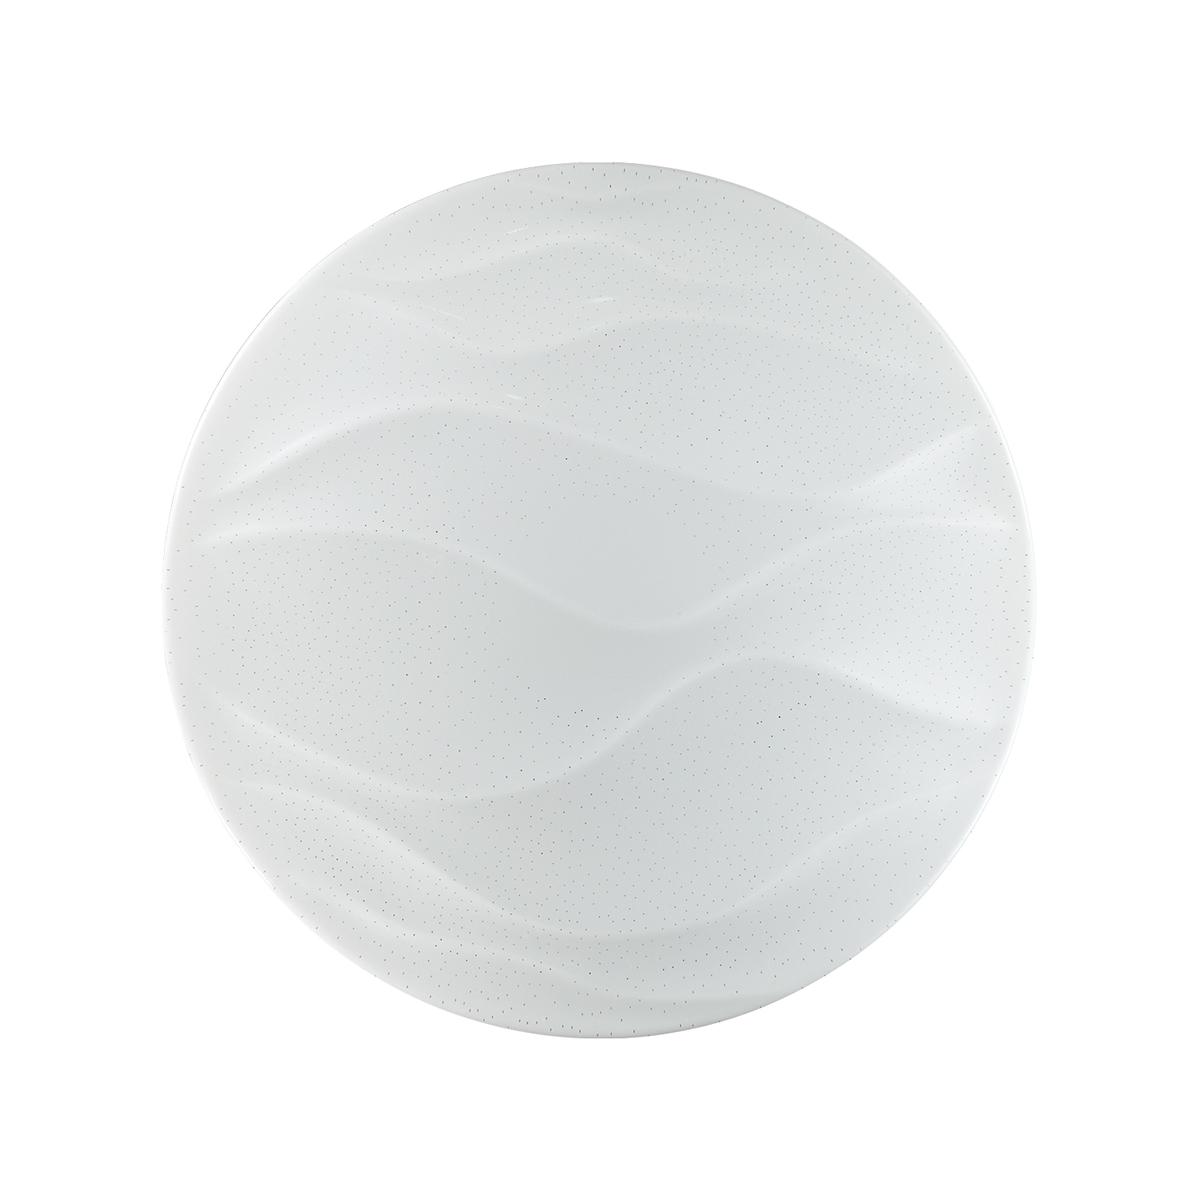 Потолочные светильники 2090/CL Erica Sonex